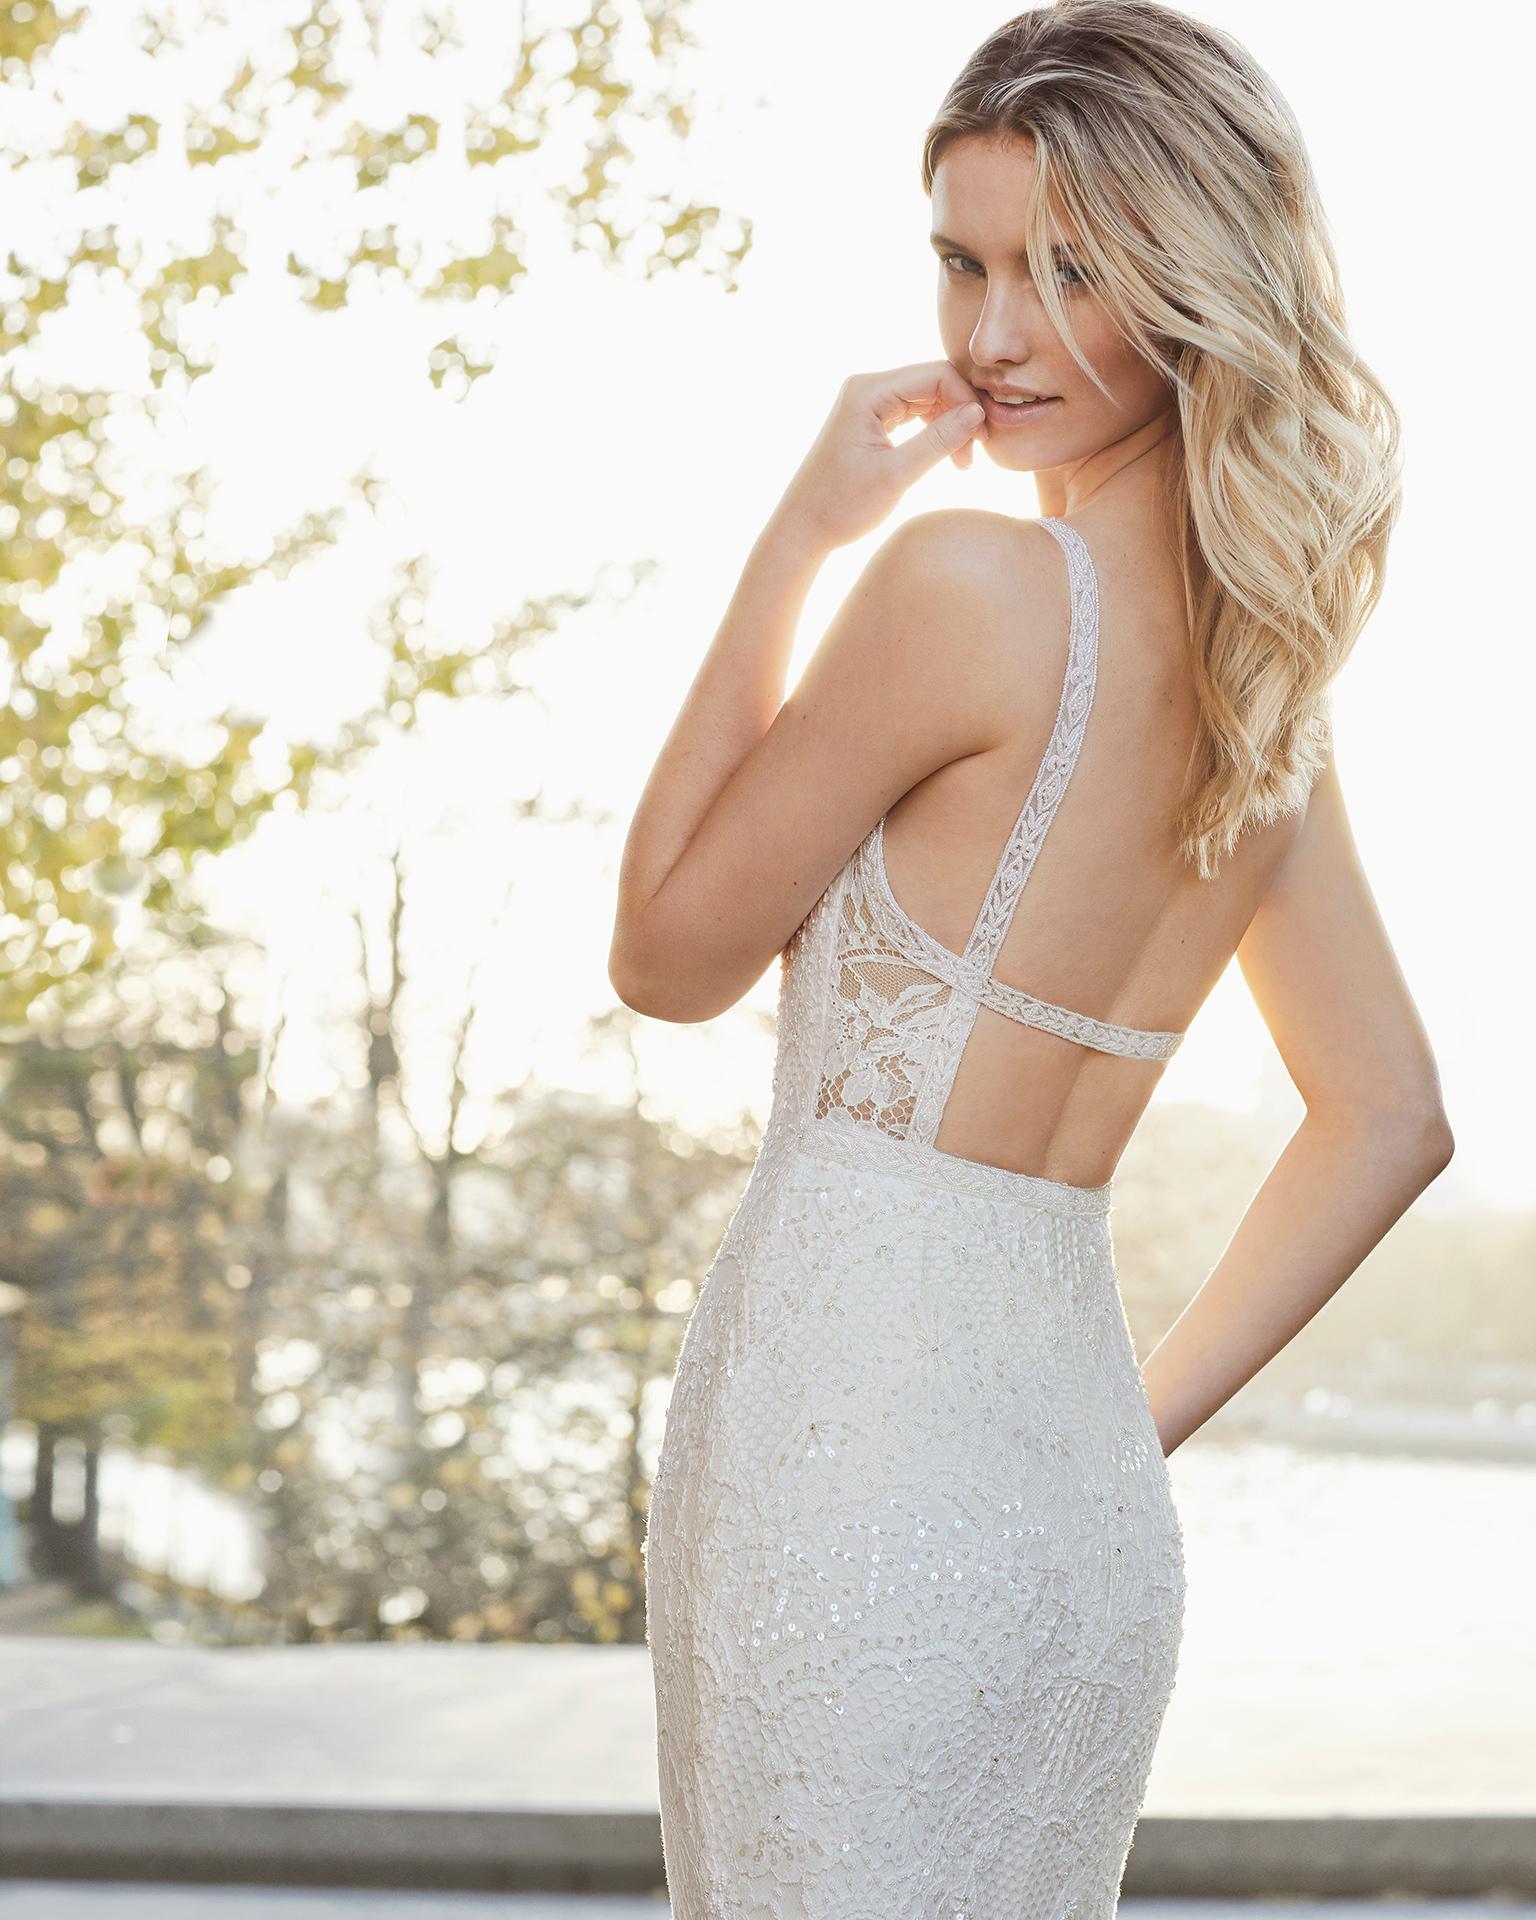 Robe de mariée coupe droite en dentelle et pierreries. Col en V avec dos nu. Disponible en couleur naturelle. Collection AIRE BARCELONA 2019.